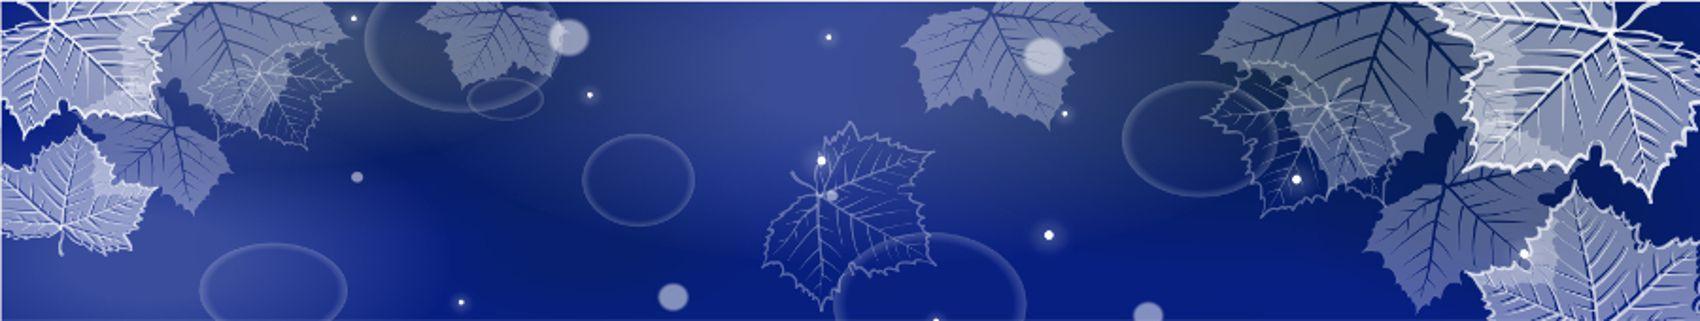 кленовые листья на синем фоне